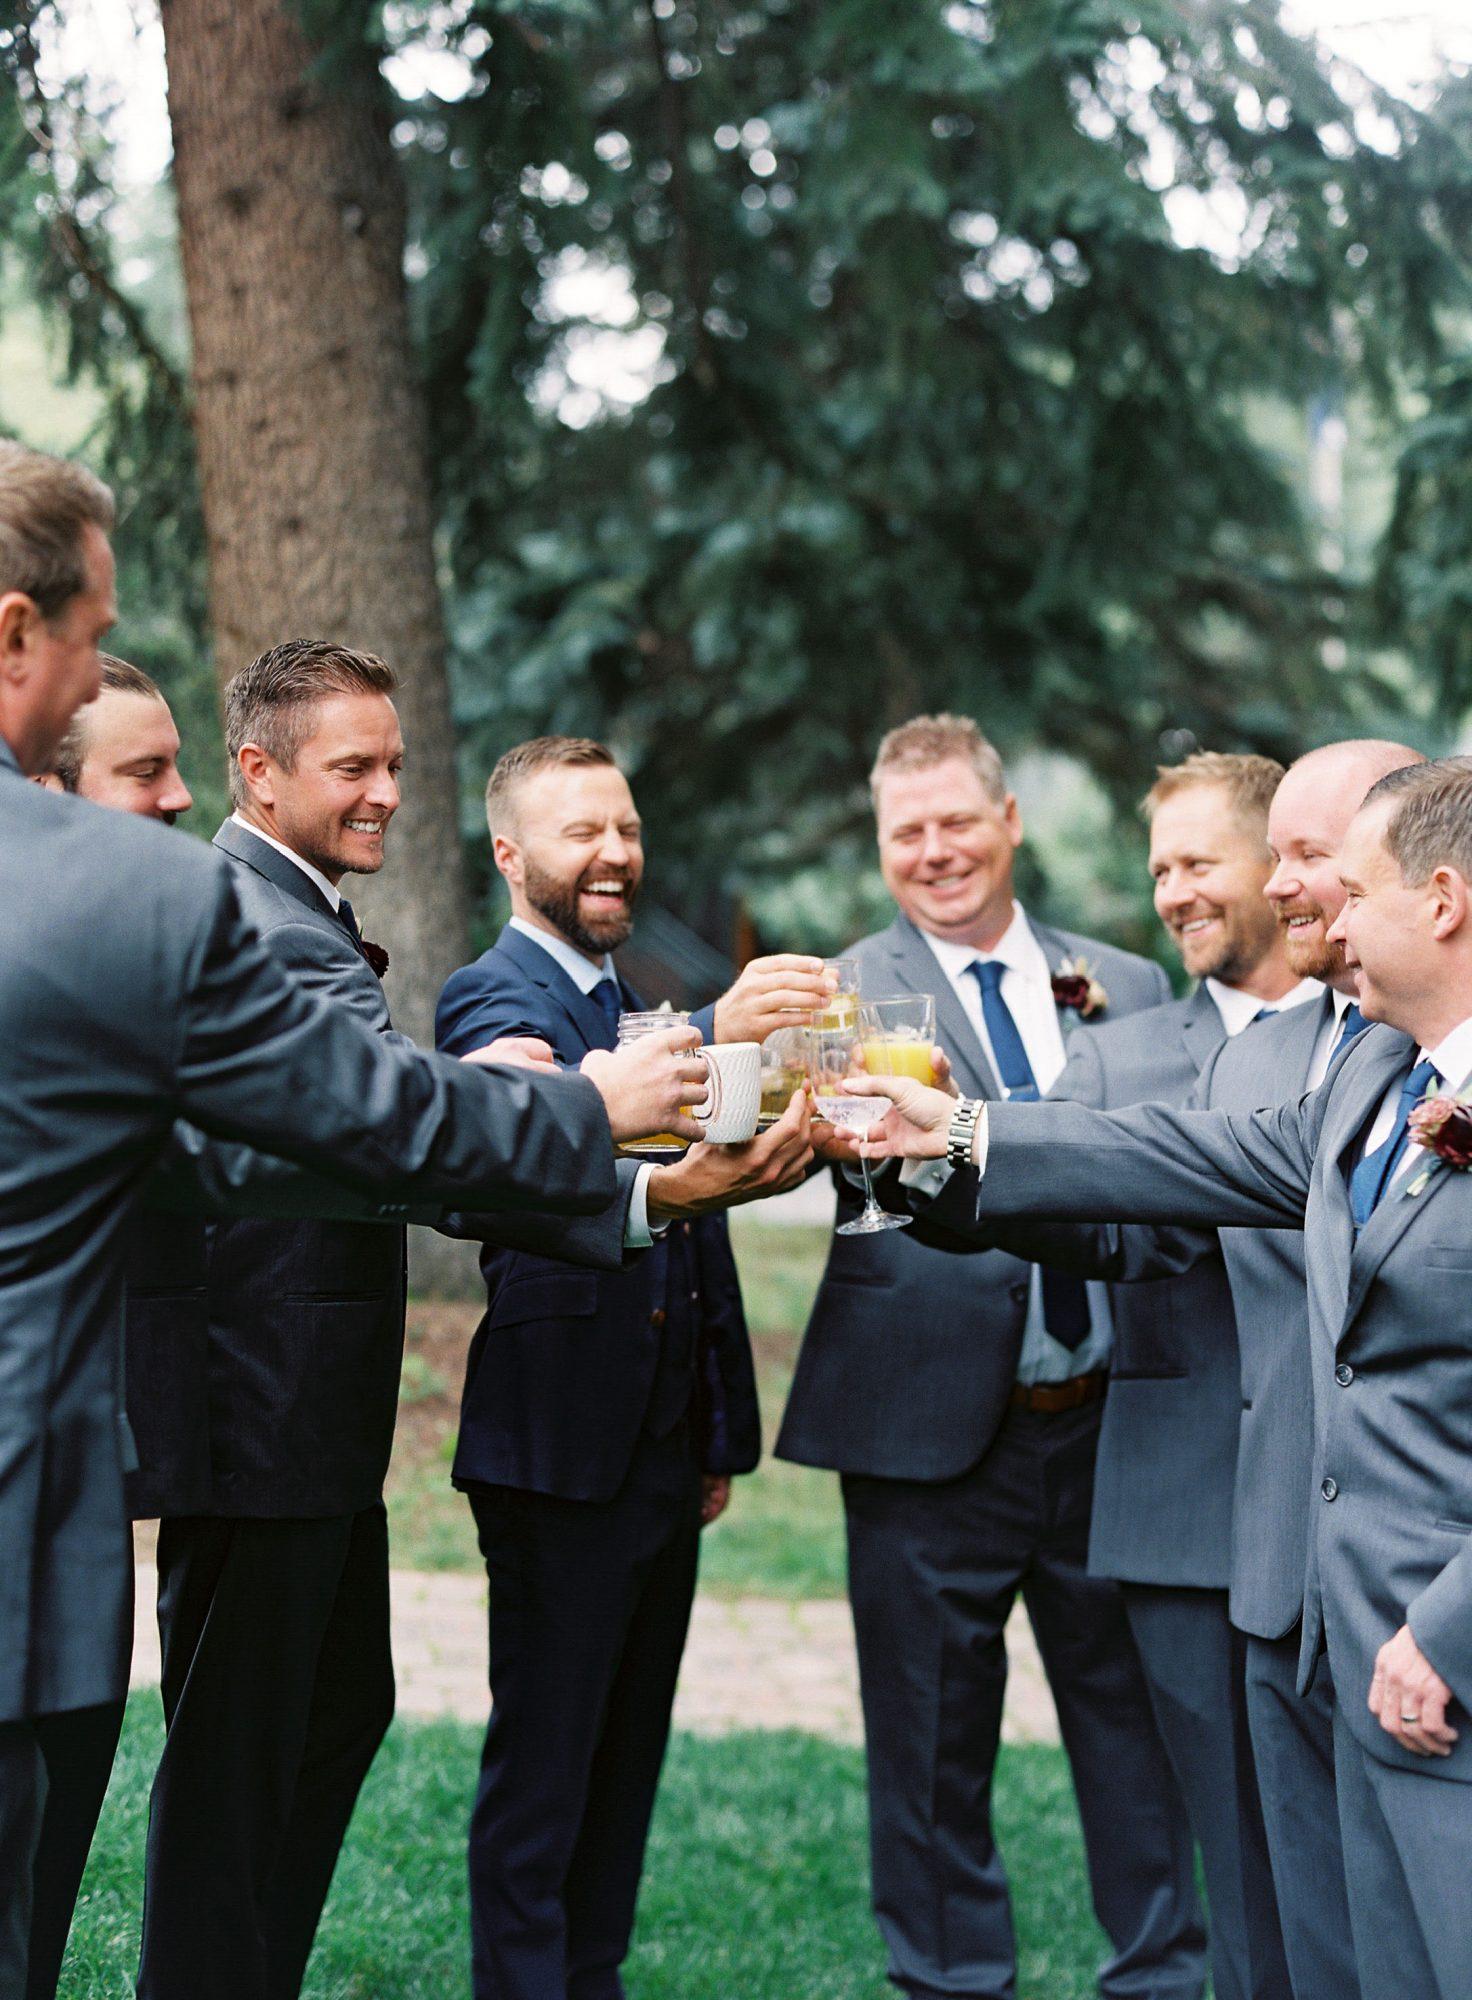 Casey Andrew Wedding Groom and Groomsmen Cheers